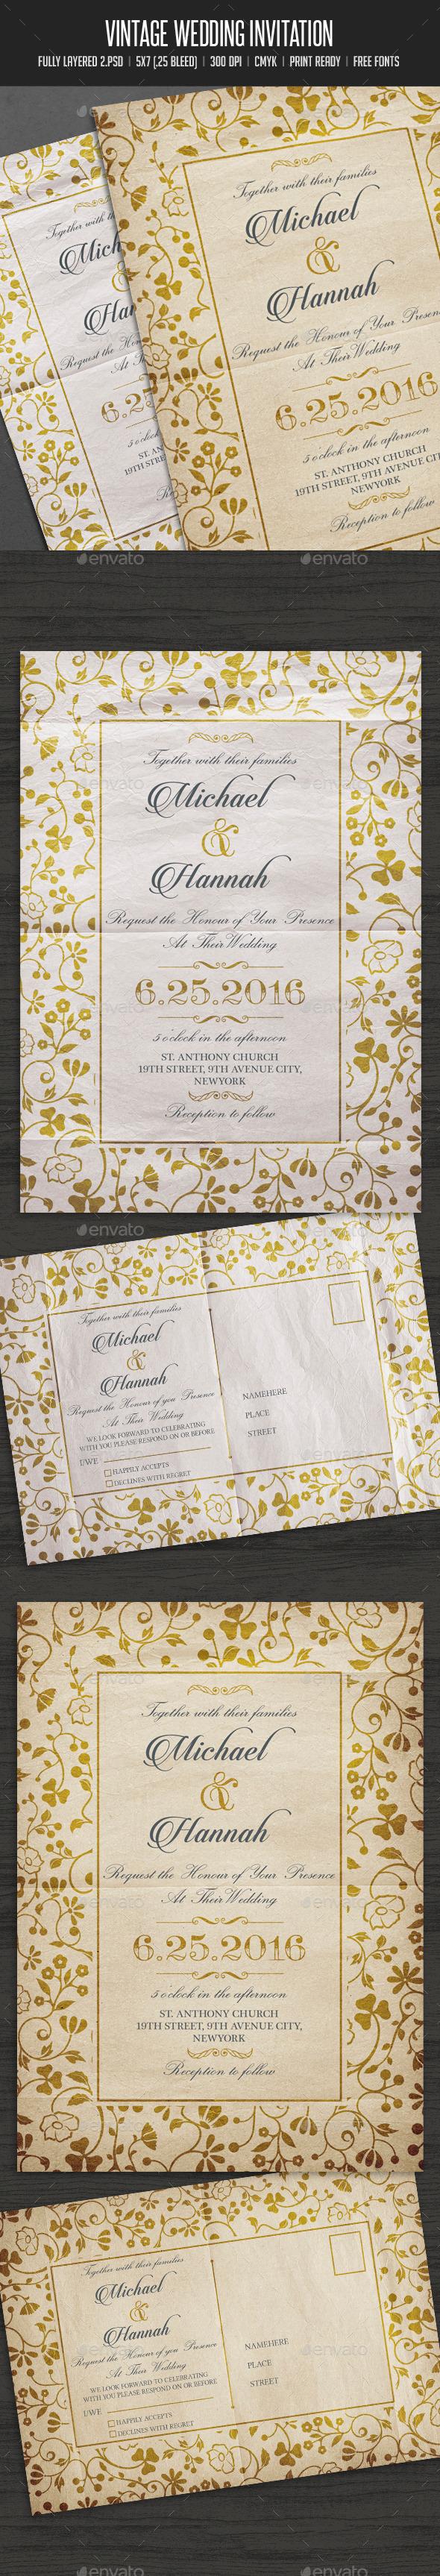 Vintage Wedding Invitation / Card